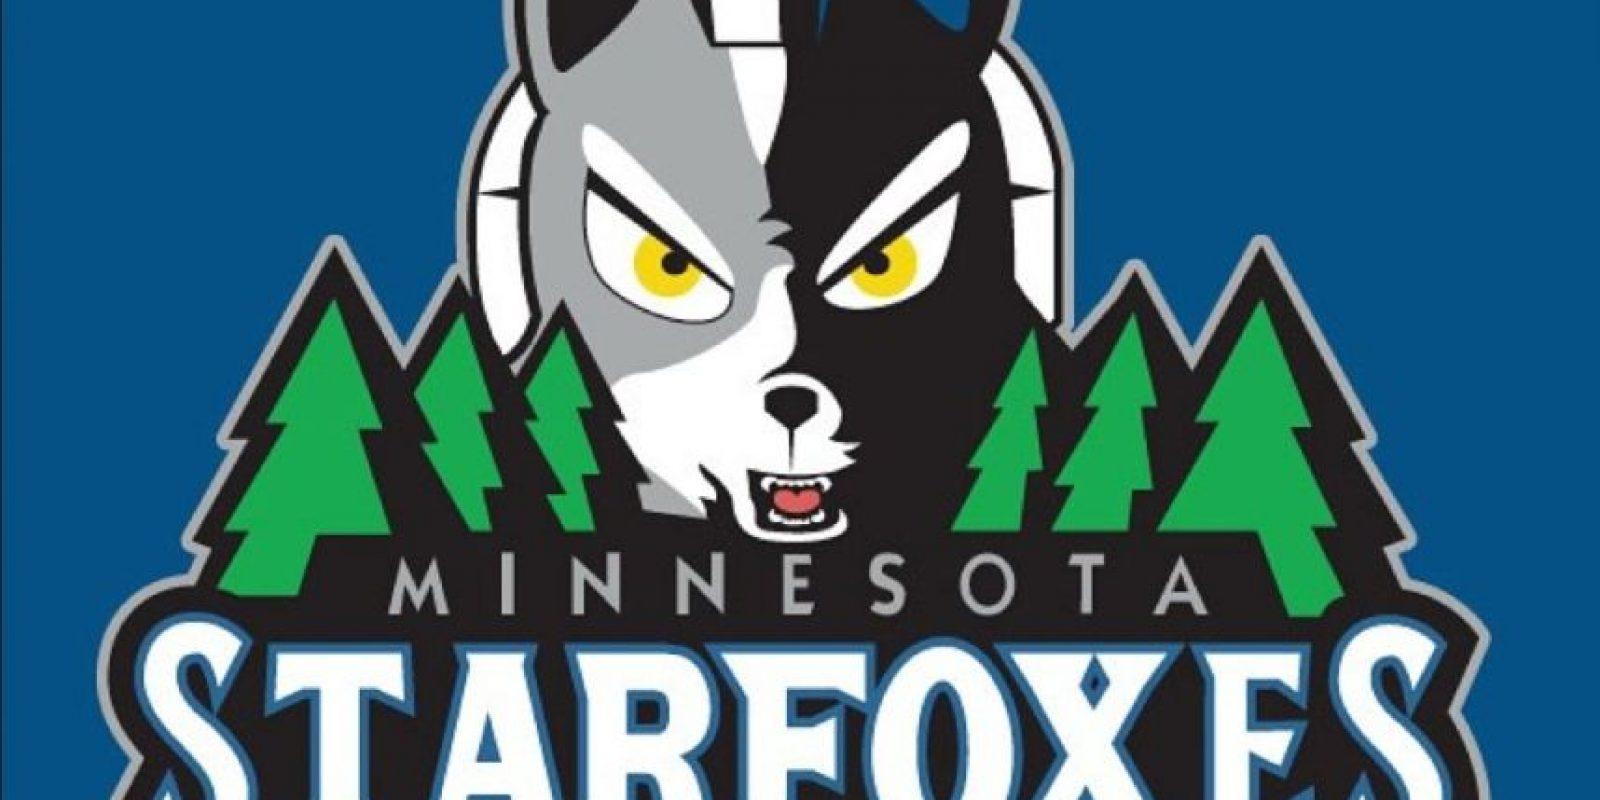 """""""Star Fox"""" en el logo de Minnesota Timberwolves. Foto:instagram.com/ak47_studios"""